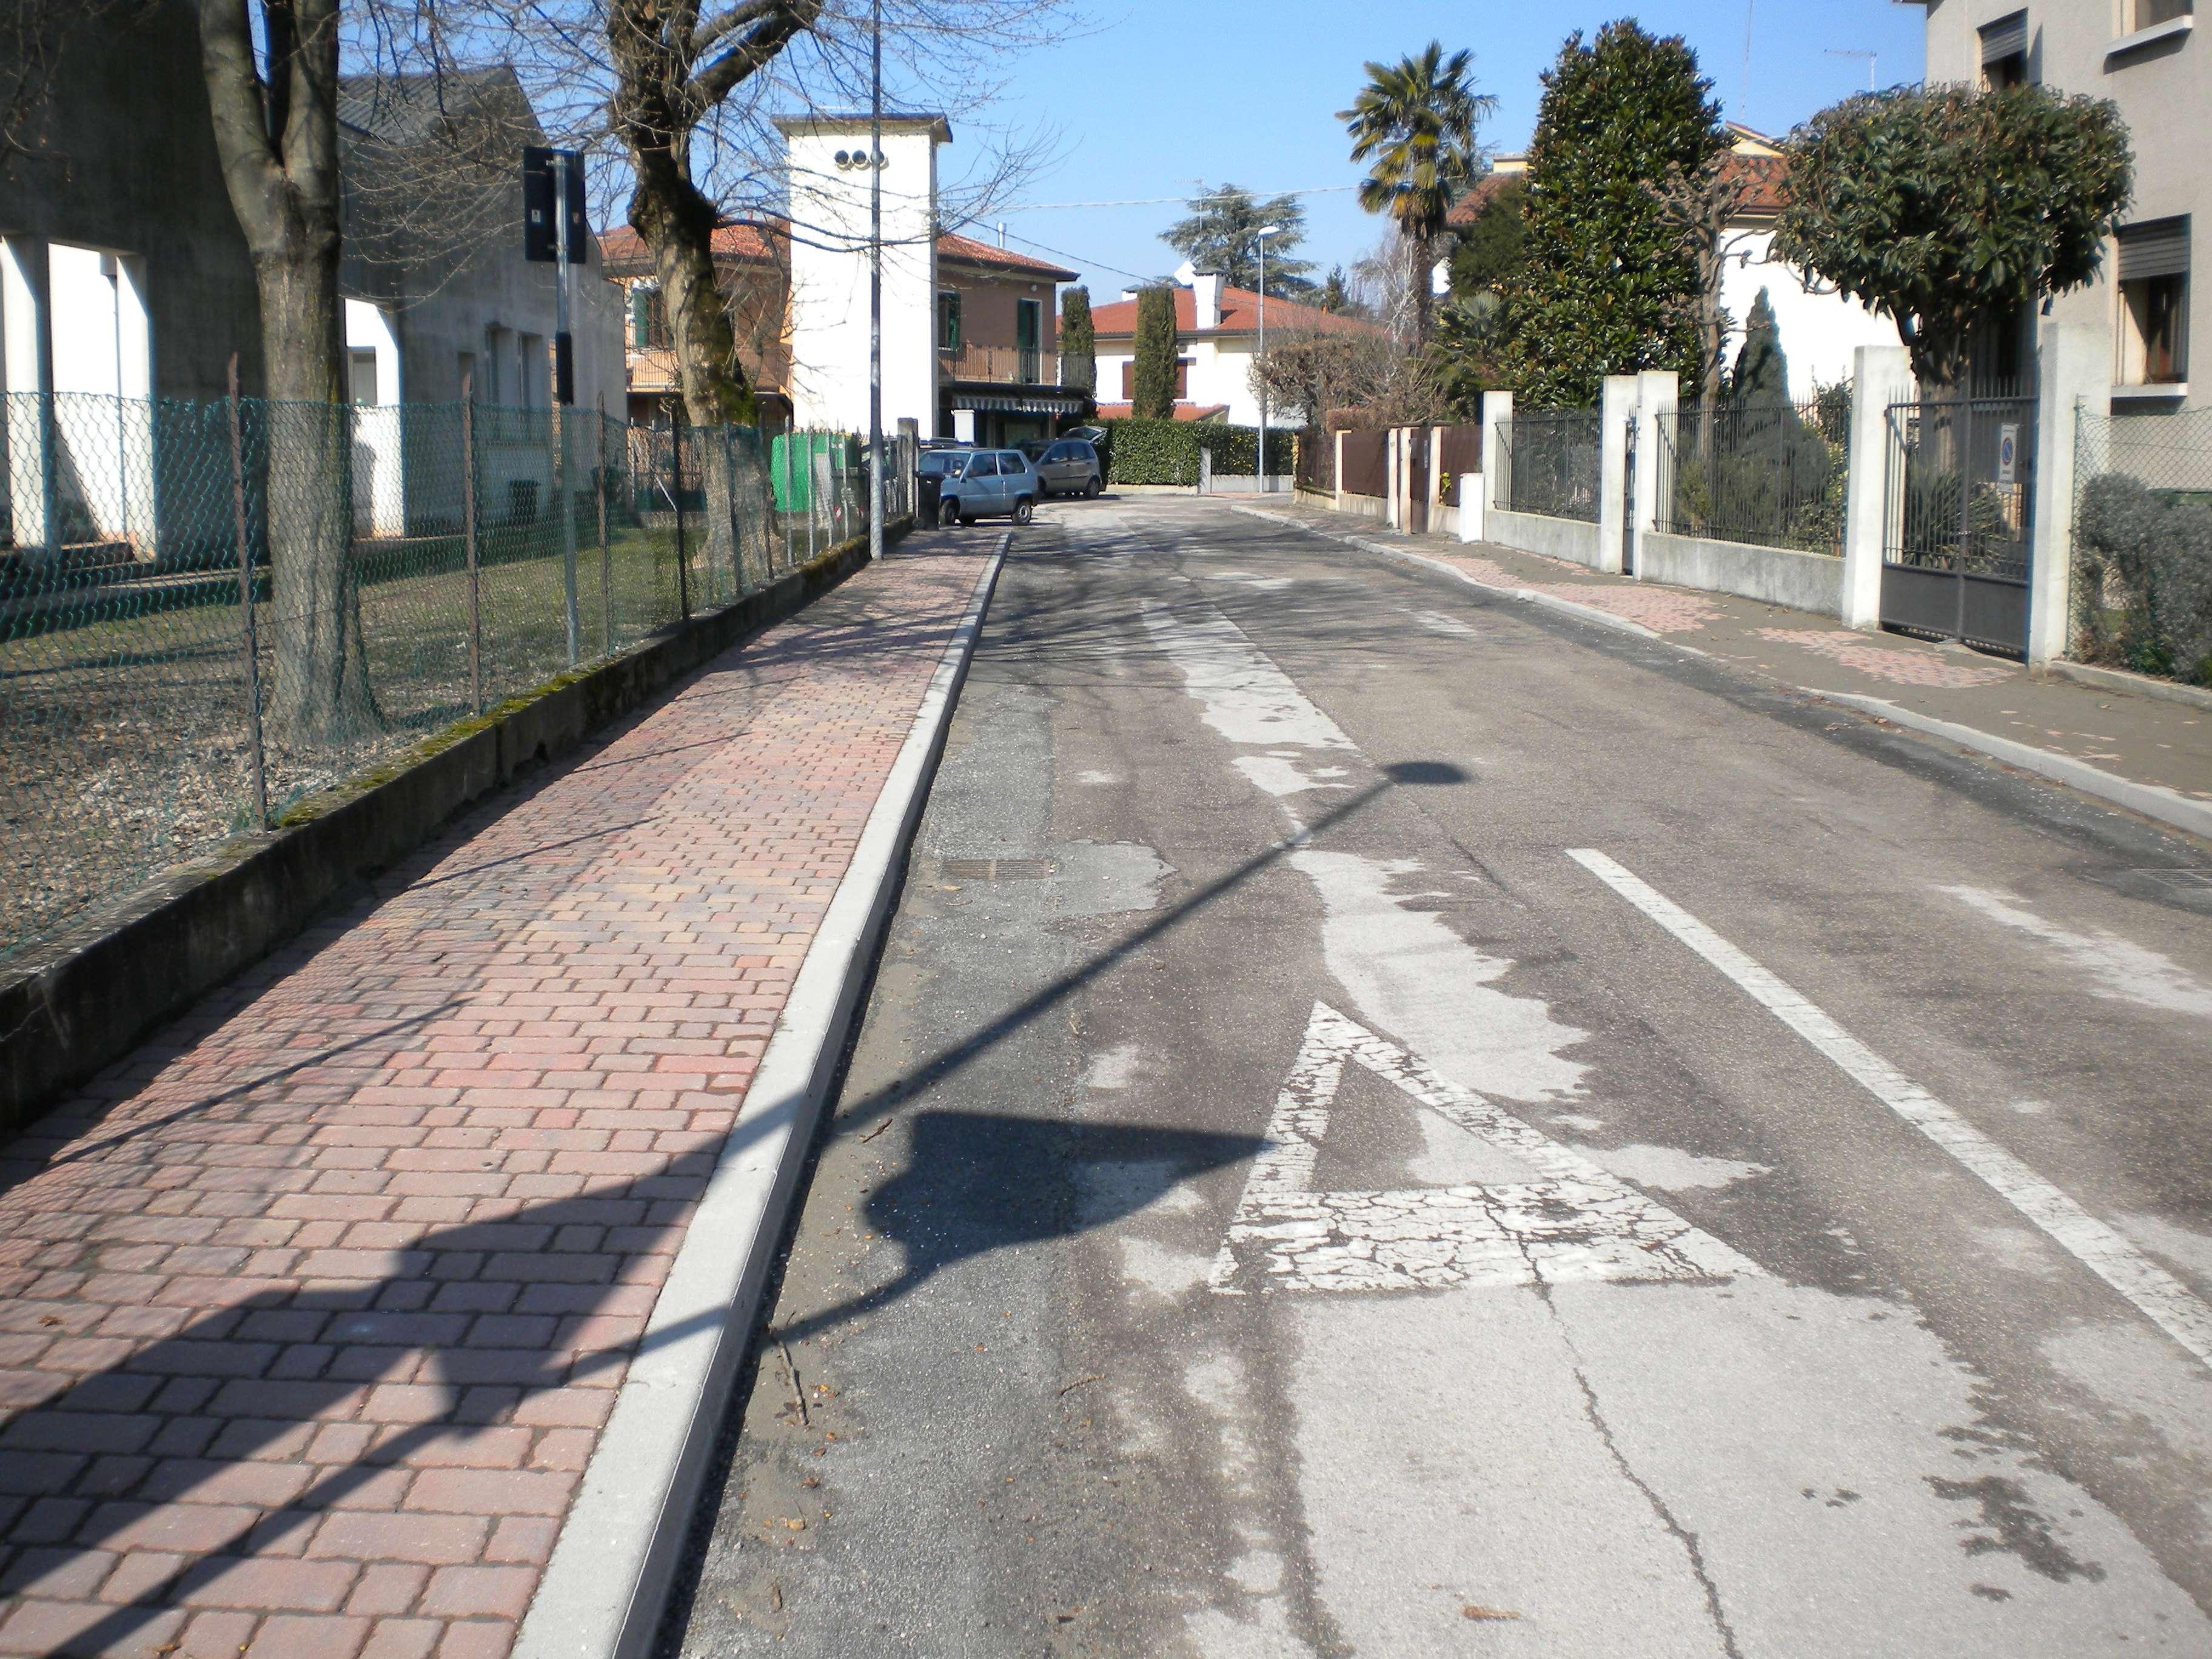 FotoFineLavori2011ViaCanalettoFlliCervi1.jpg